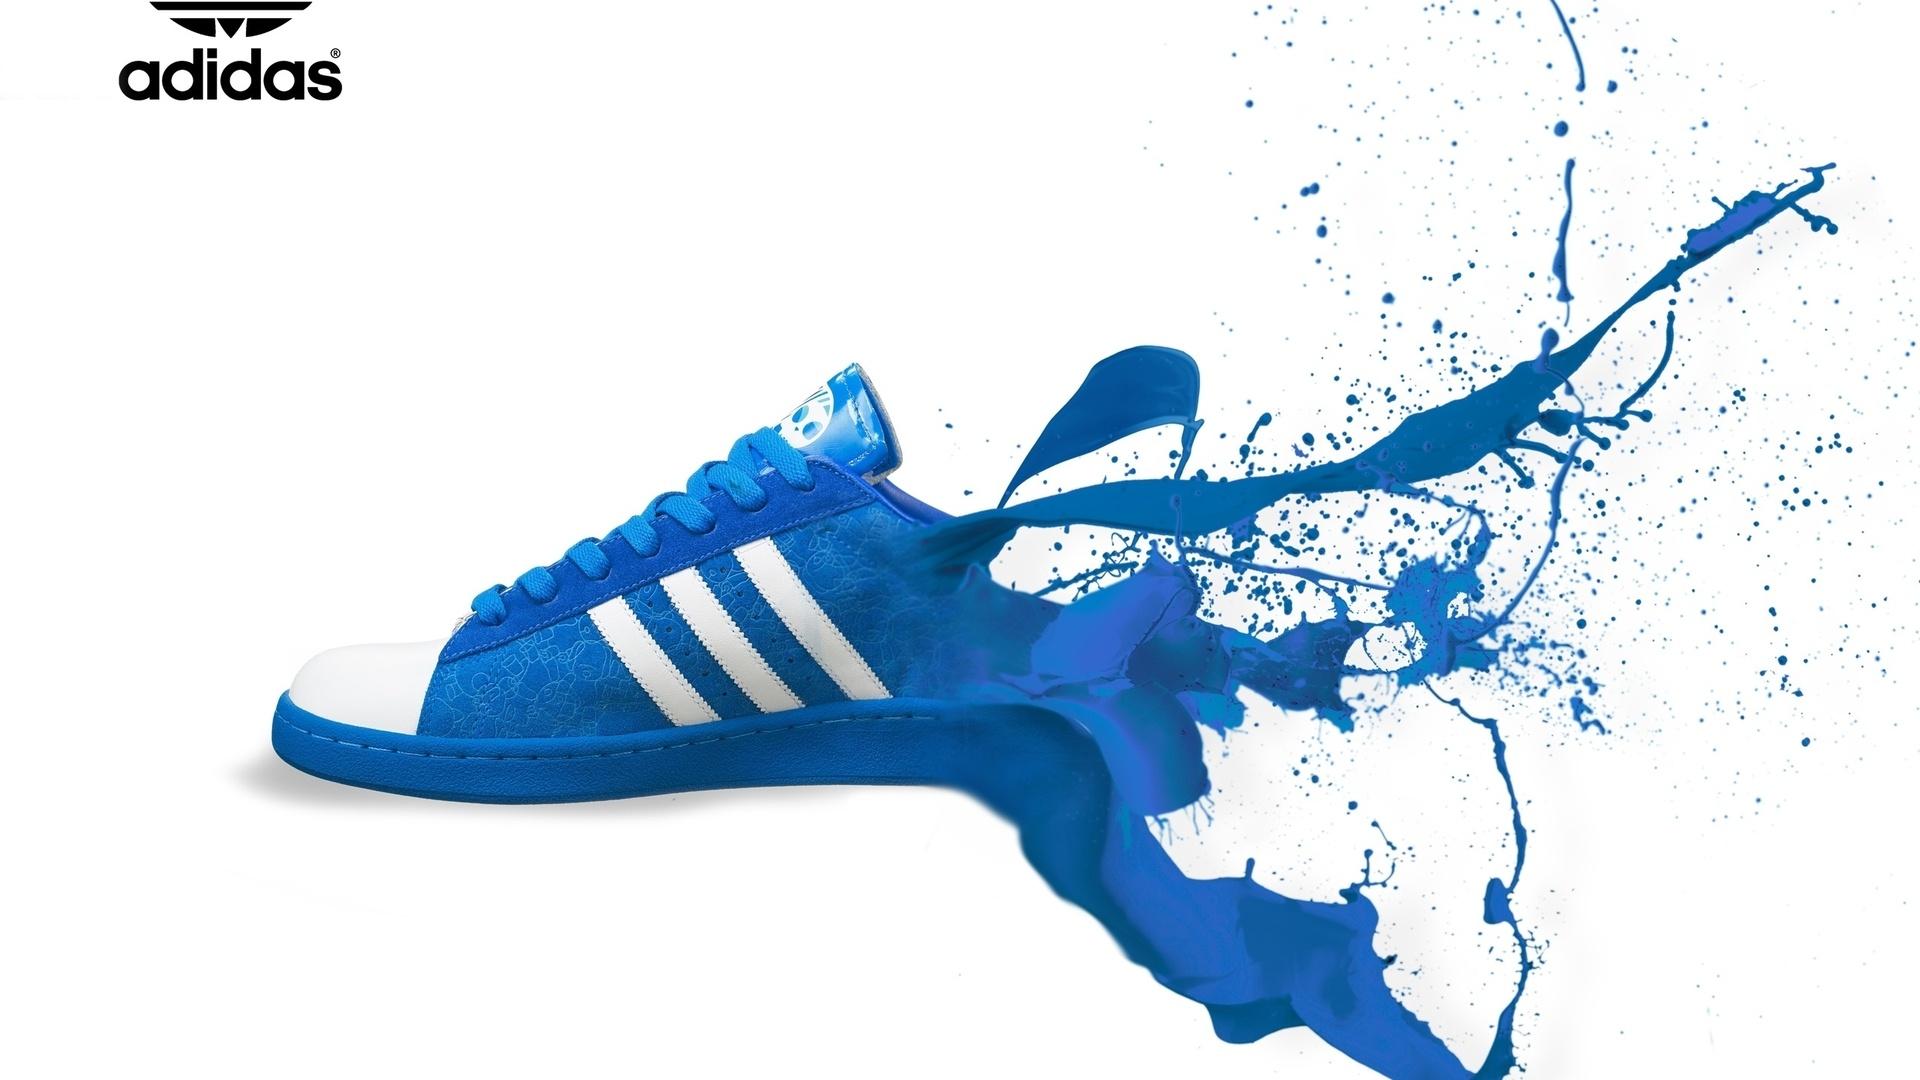 Adidas Trainers   1920x1080   358640 1920x1080